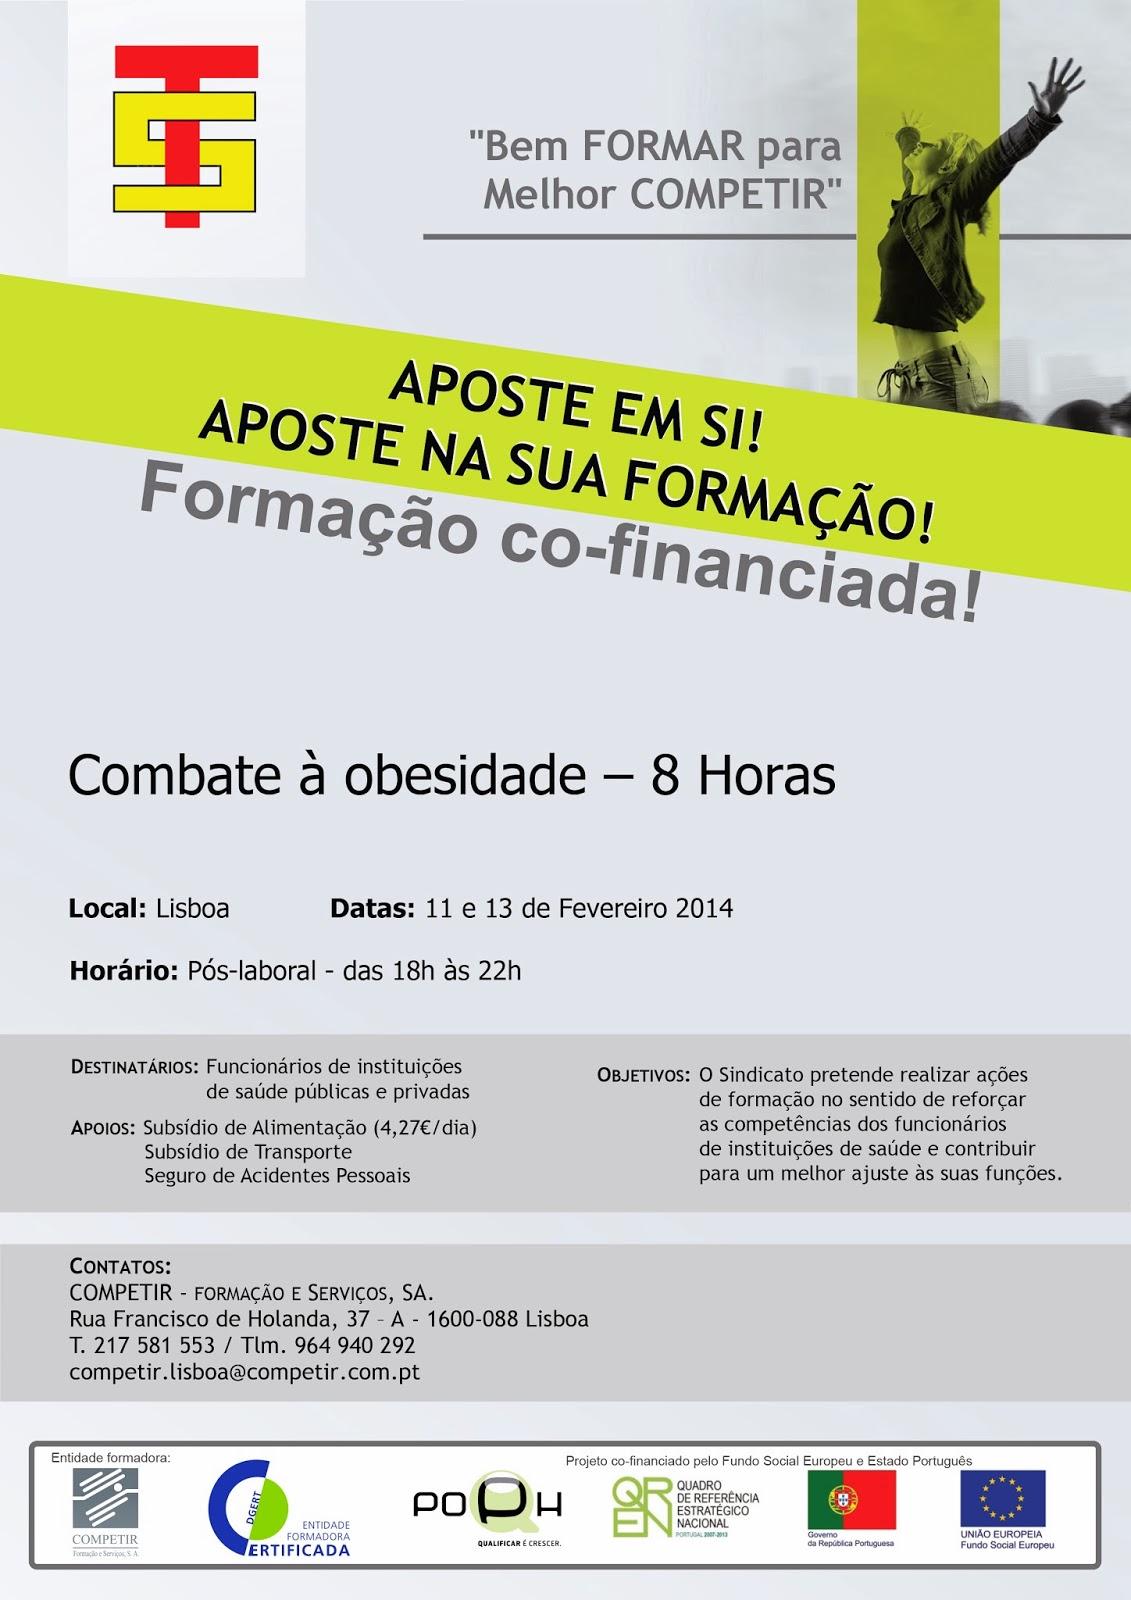 Formação co-financiada: Combate à obesidade – Lisboa